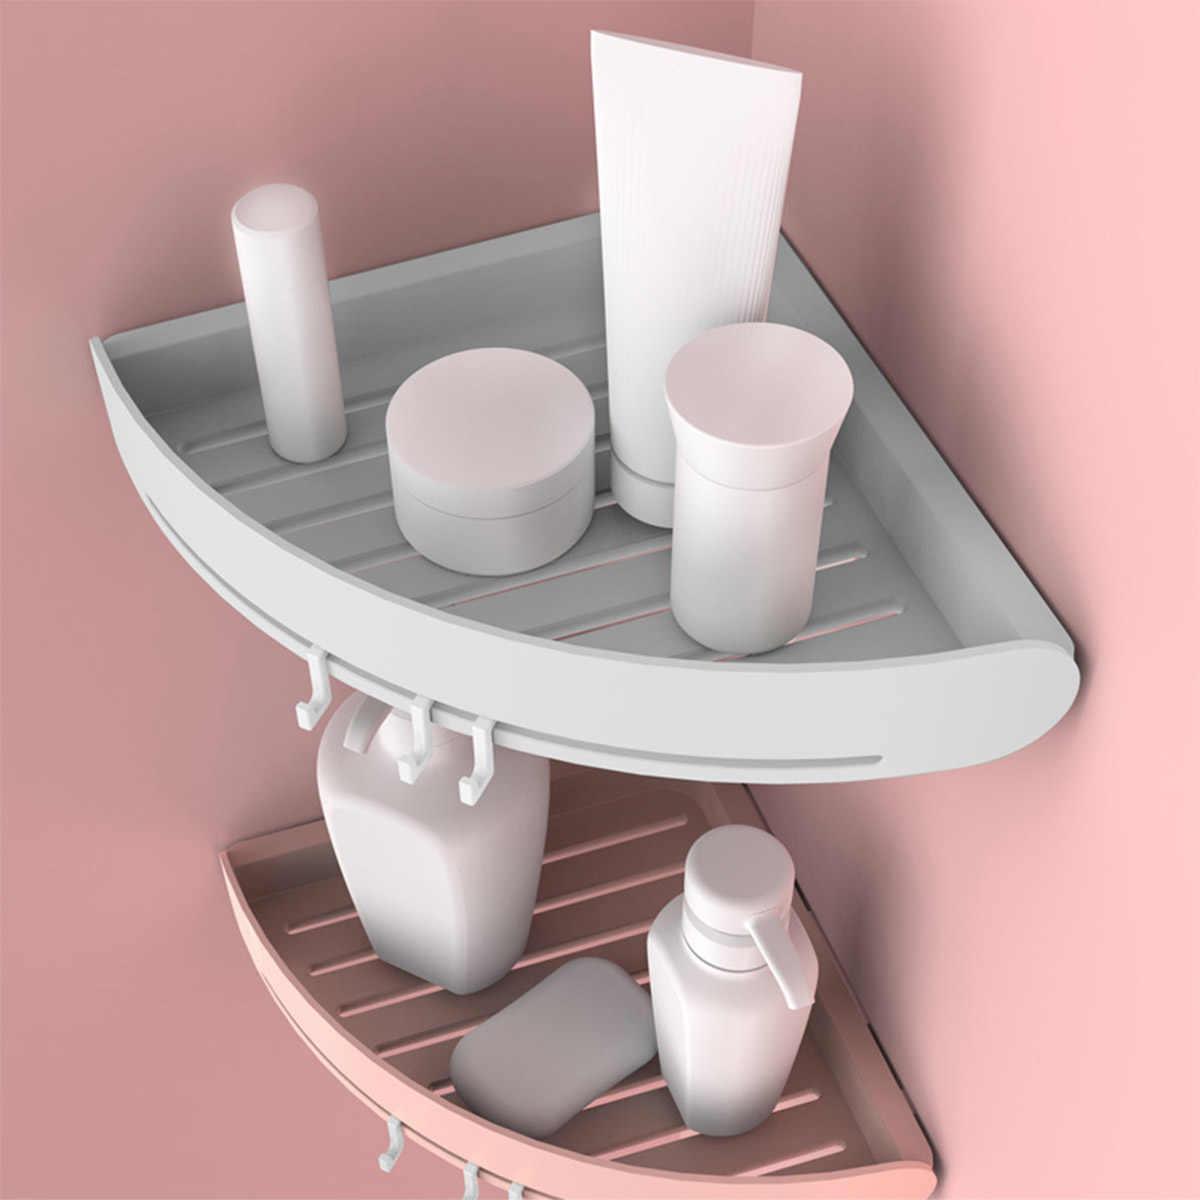 Lưu Trữ Giá Đỡ Tắm Giỏ Đựng Đồ Phòng Tắm Tắm Vanity Giá Hút Giỏ Đựng Đồ Nhà Tắm Nhựa Giỏ Chứa Đồ Nhà Tổ Chức Vệ Sinh Nhà Cửa Mới